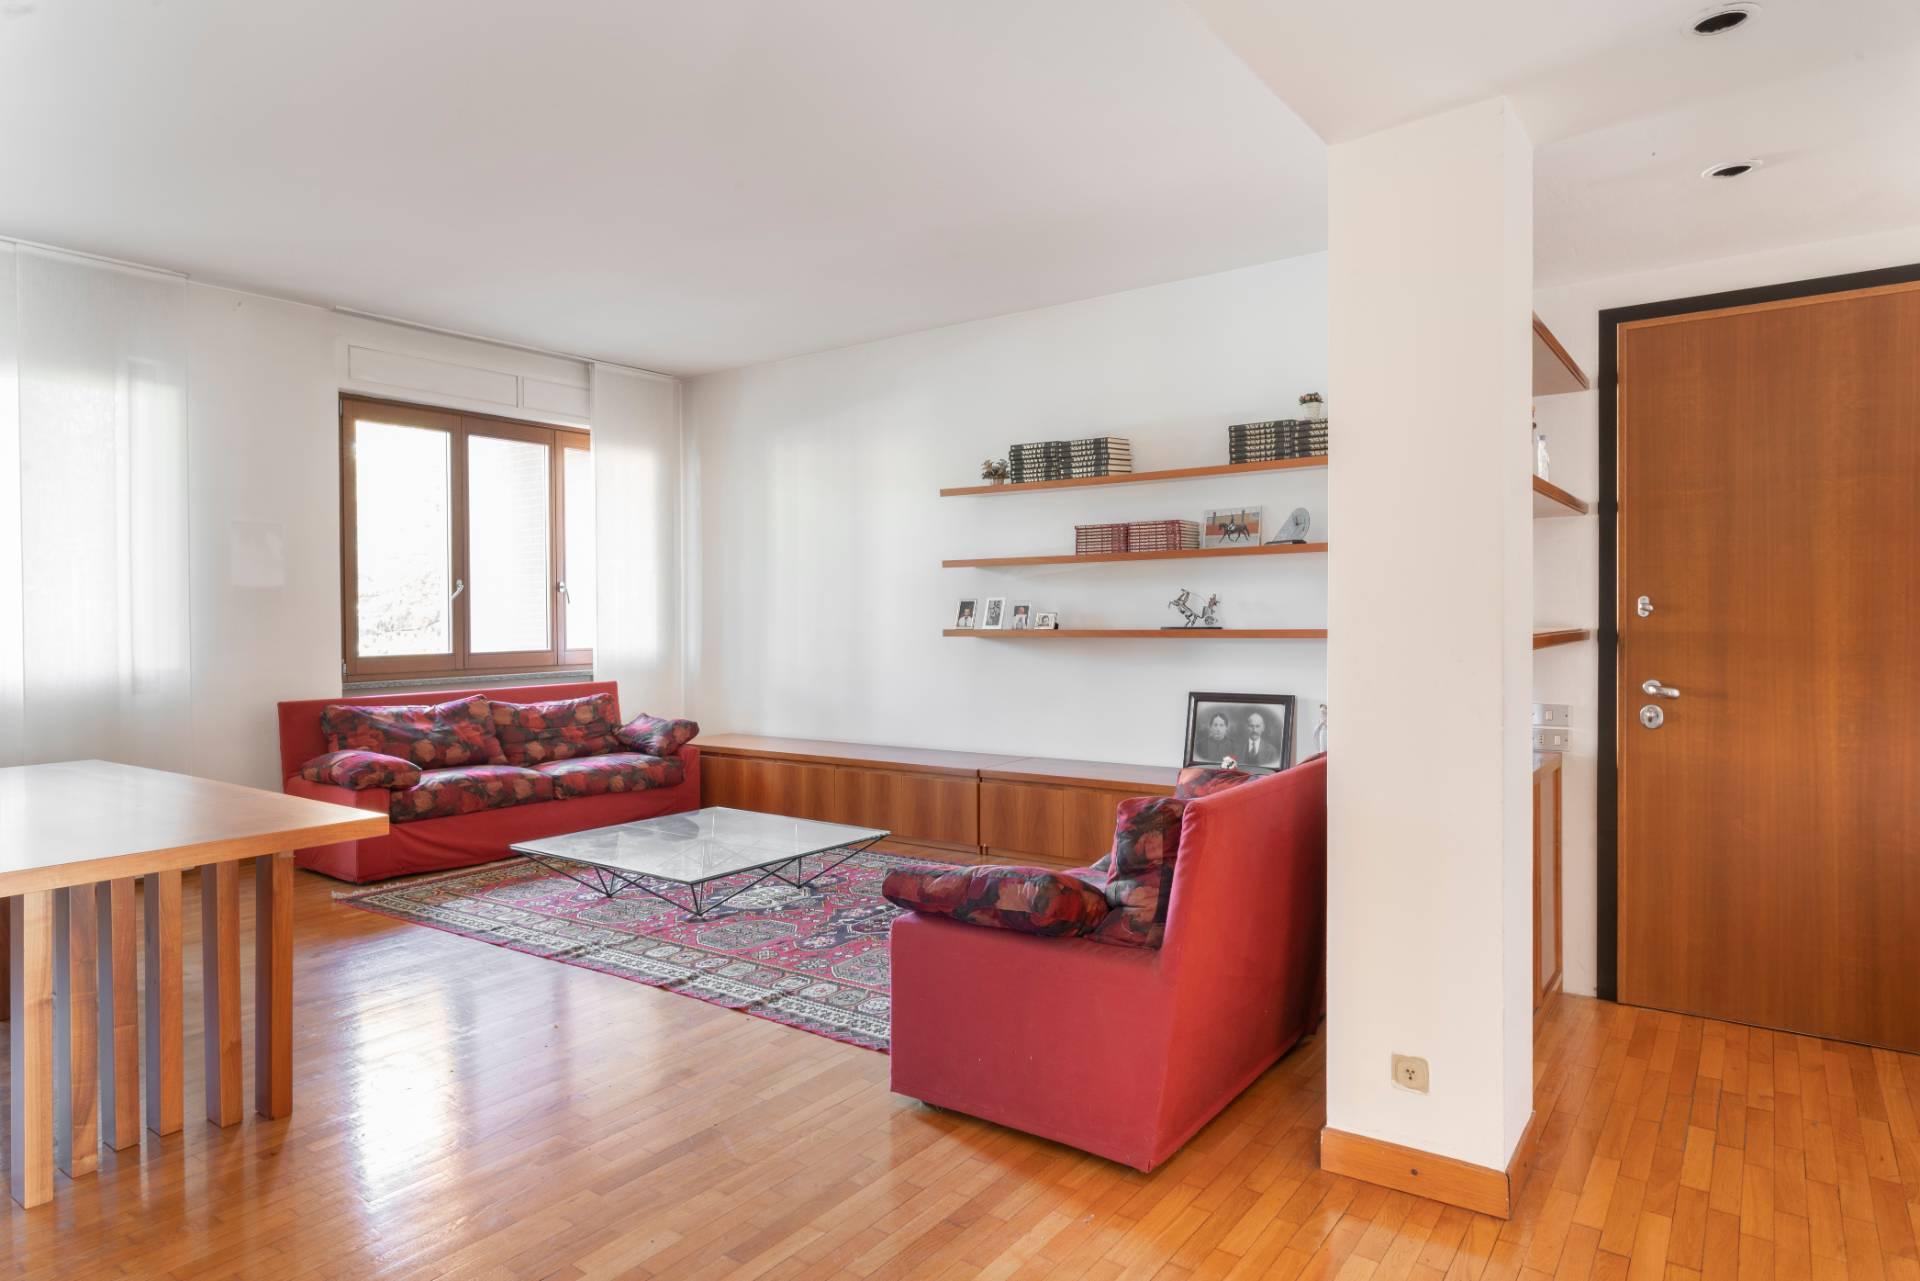 Appartamento in Vendita a Lissone: 3 locali, 125 mq